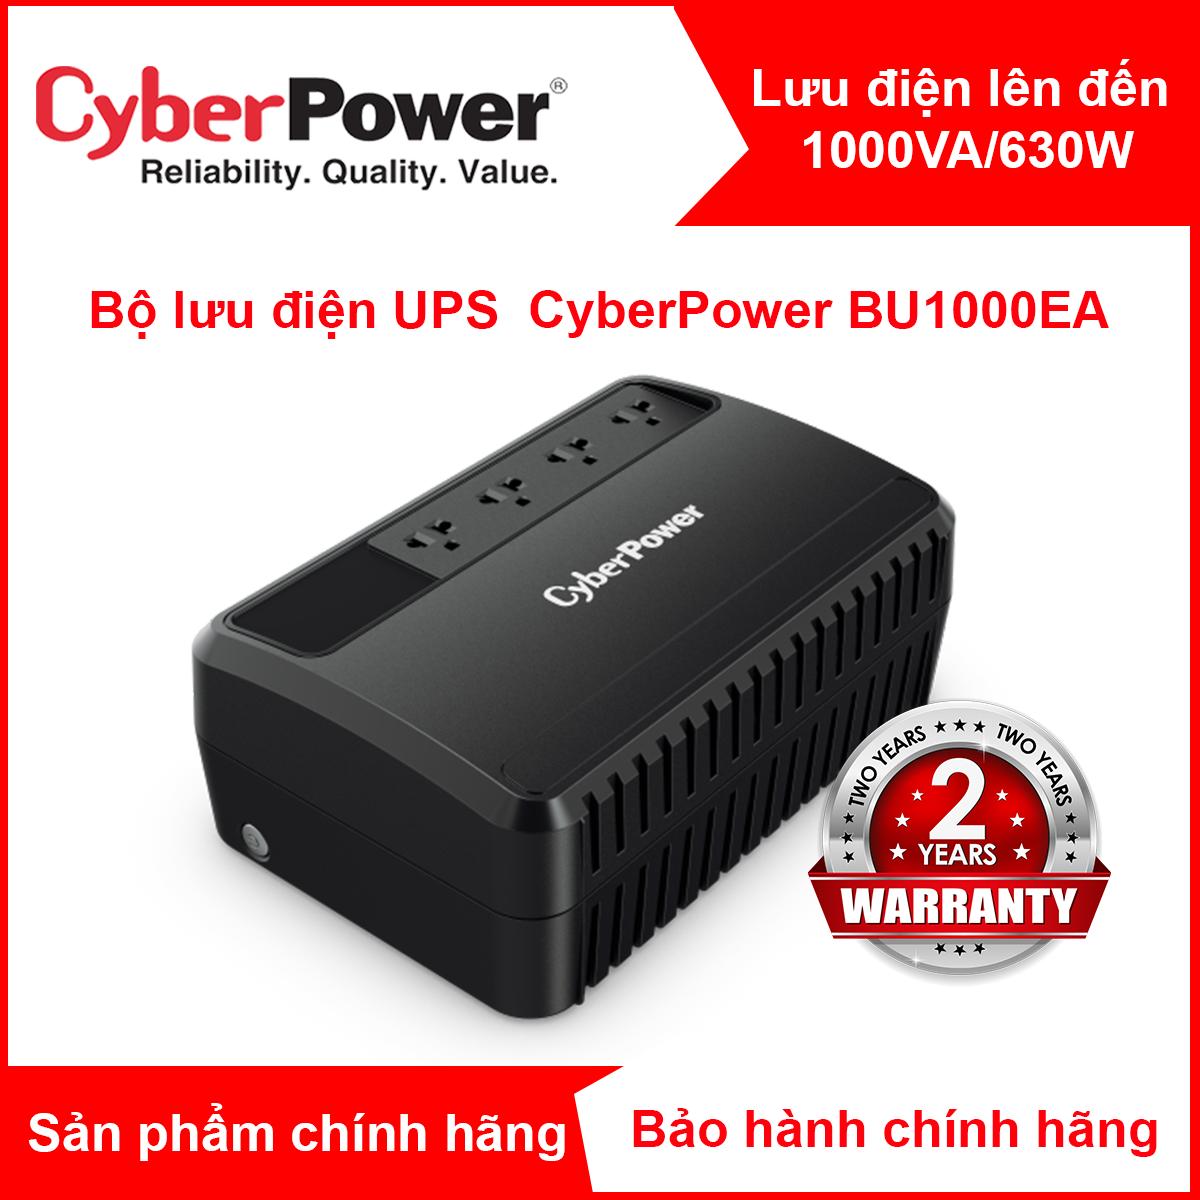 Bộ chống sốc điện/bộ lưu điện UPS CyberPower BU1000EA – 1000VA/630W